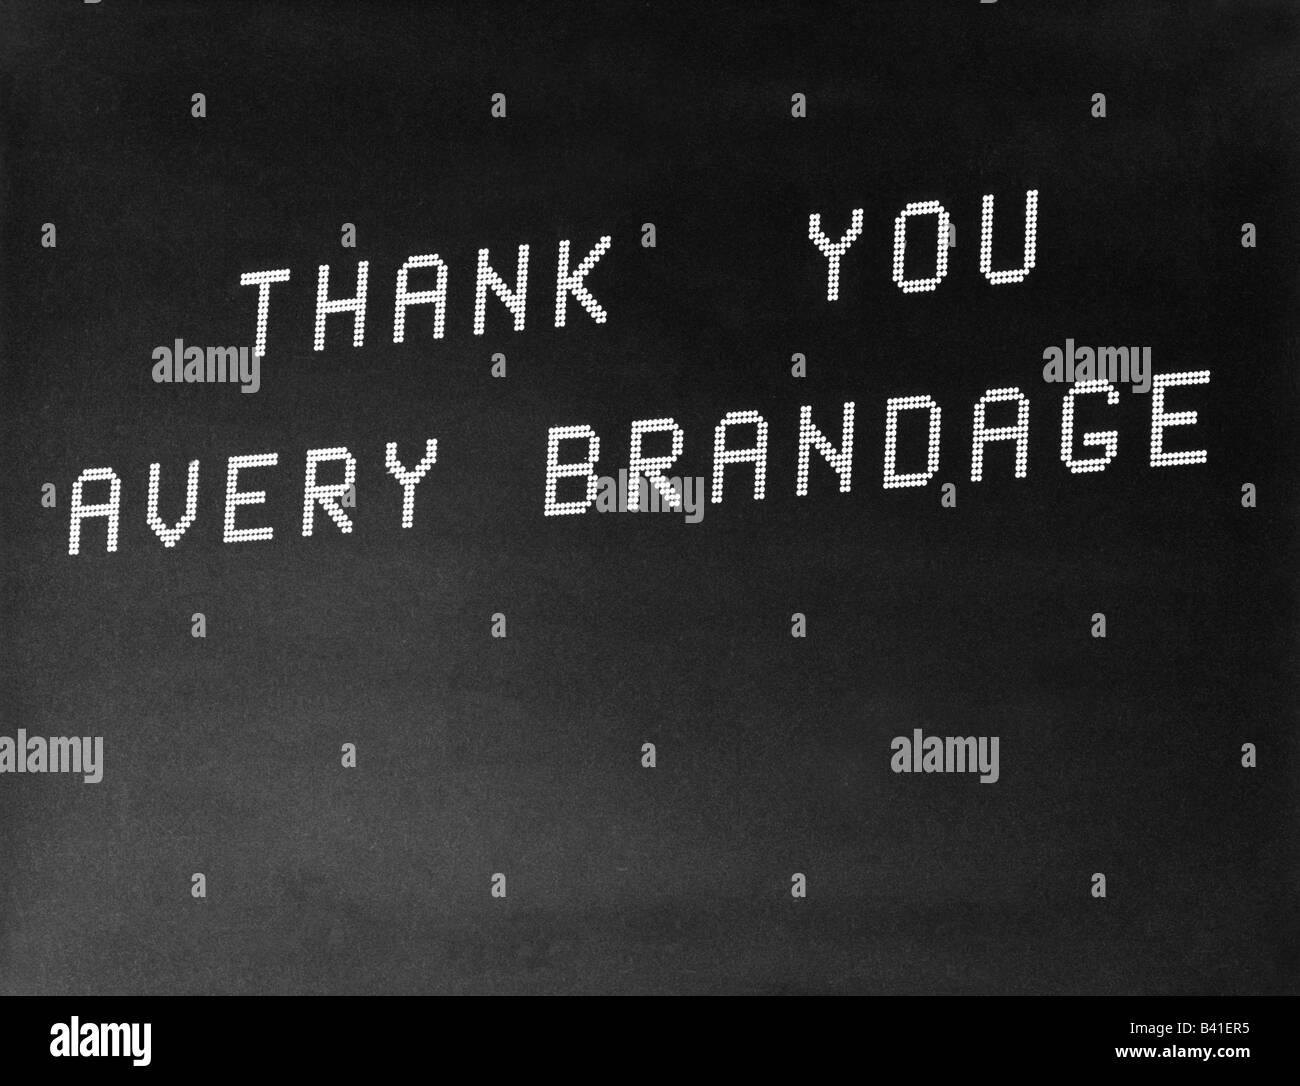 """Sport, die Olympischen Spiele, München, 26.8.1972 - 10.9.1972, letzter Tag, neon Schreiben """"Danke Avery Brandage',Stockfoto"""